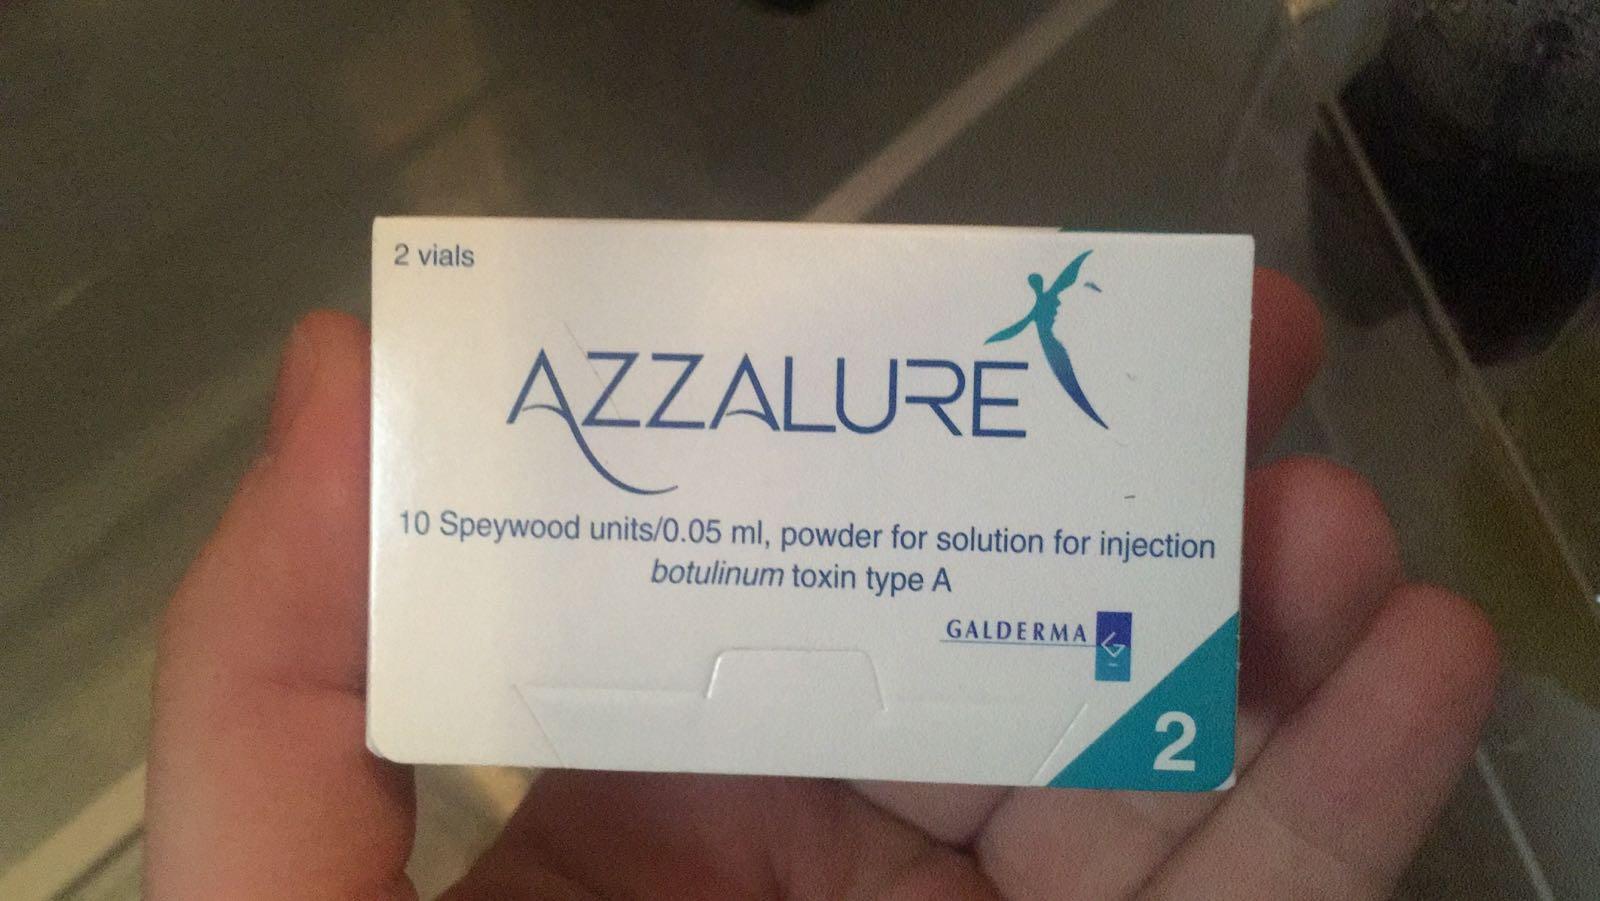 AZZALURE BELOTERO BASIC 1 ML,TEOSYAL ULTRA 1.